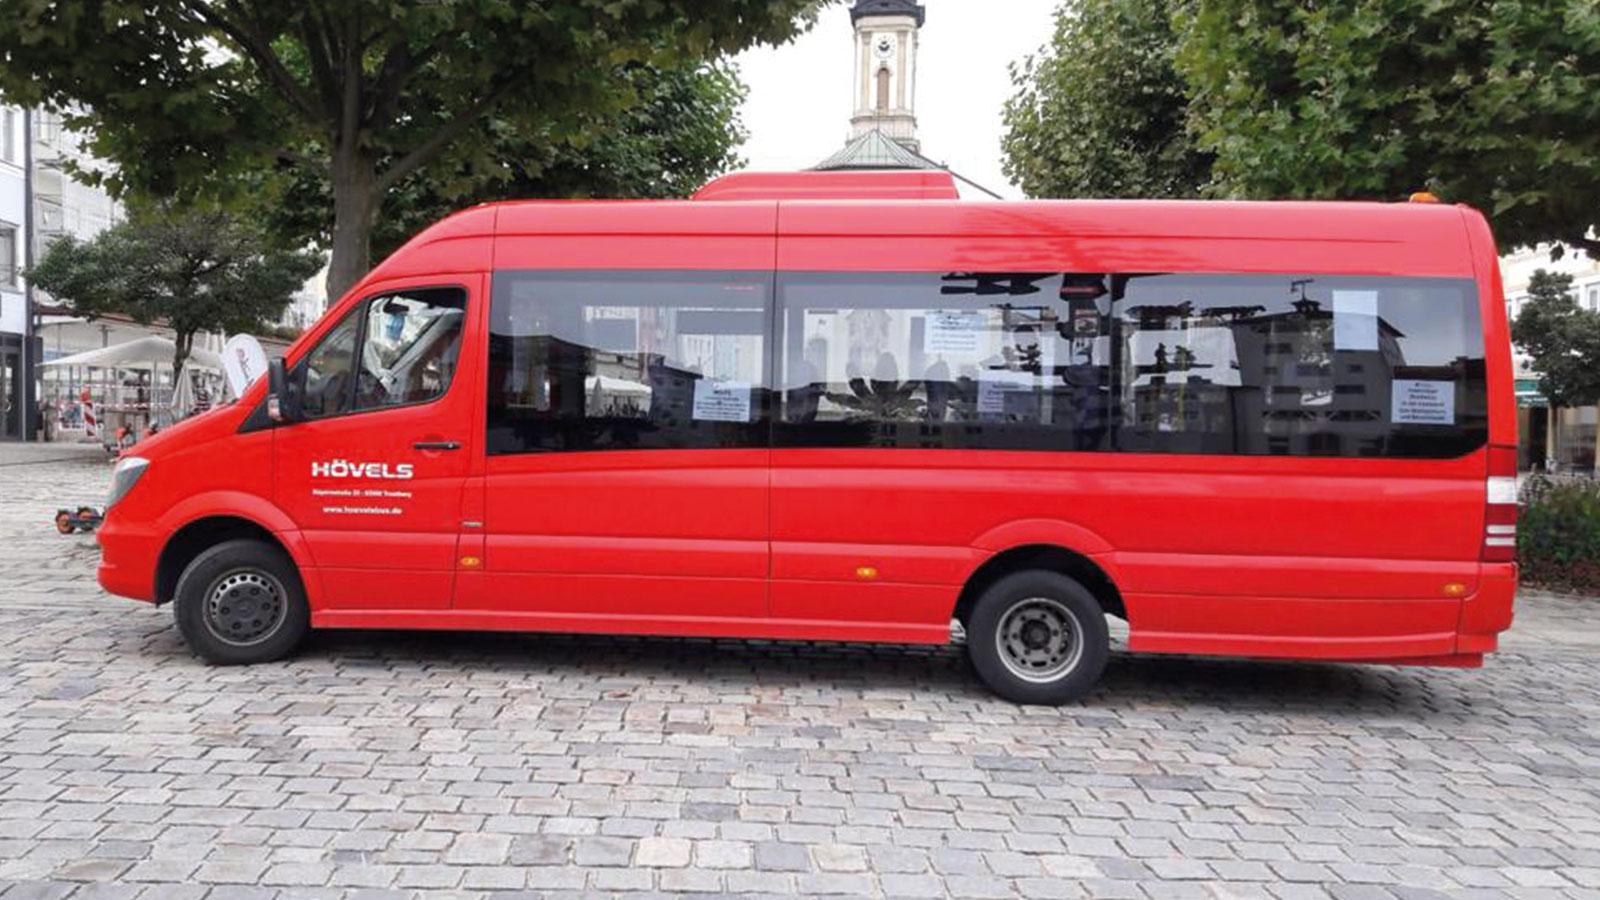 Hoeves_Linienverkehr_2